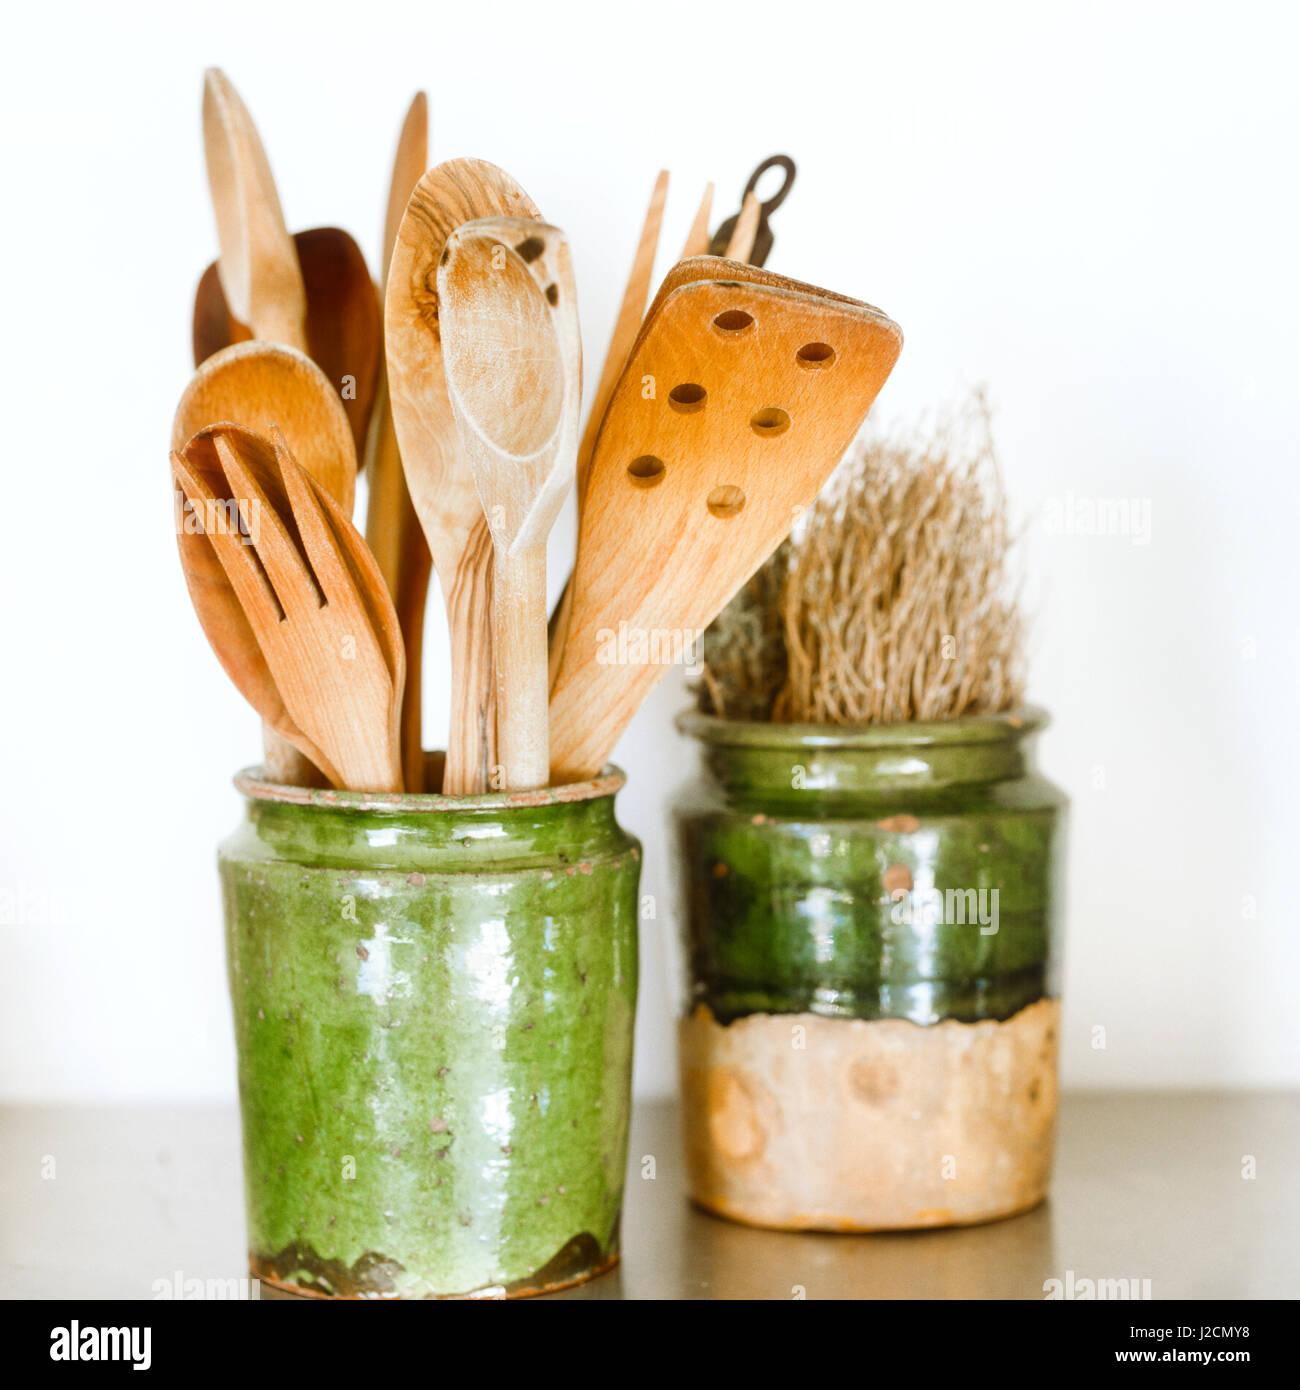 Assorted kitchen utensils in vase. - Stock Image